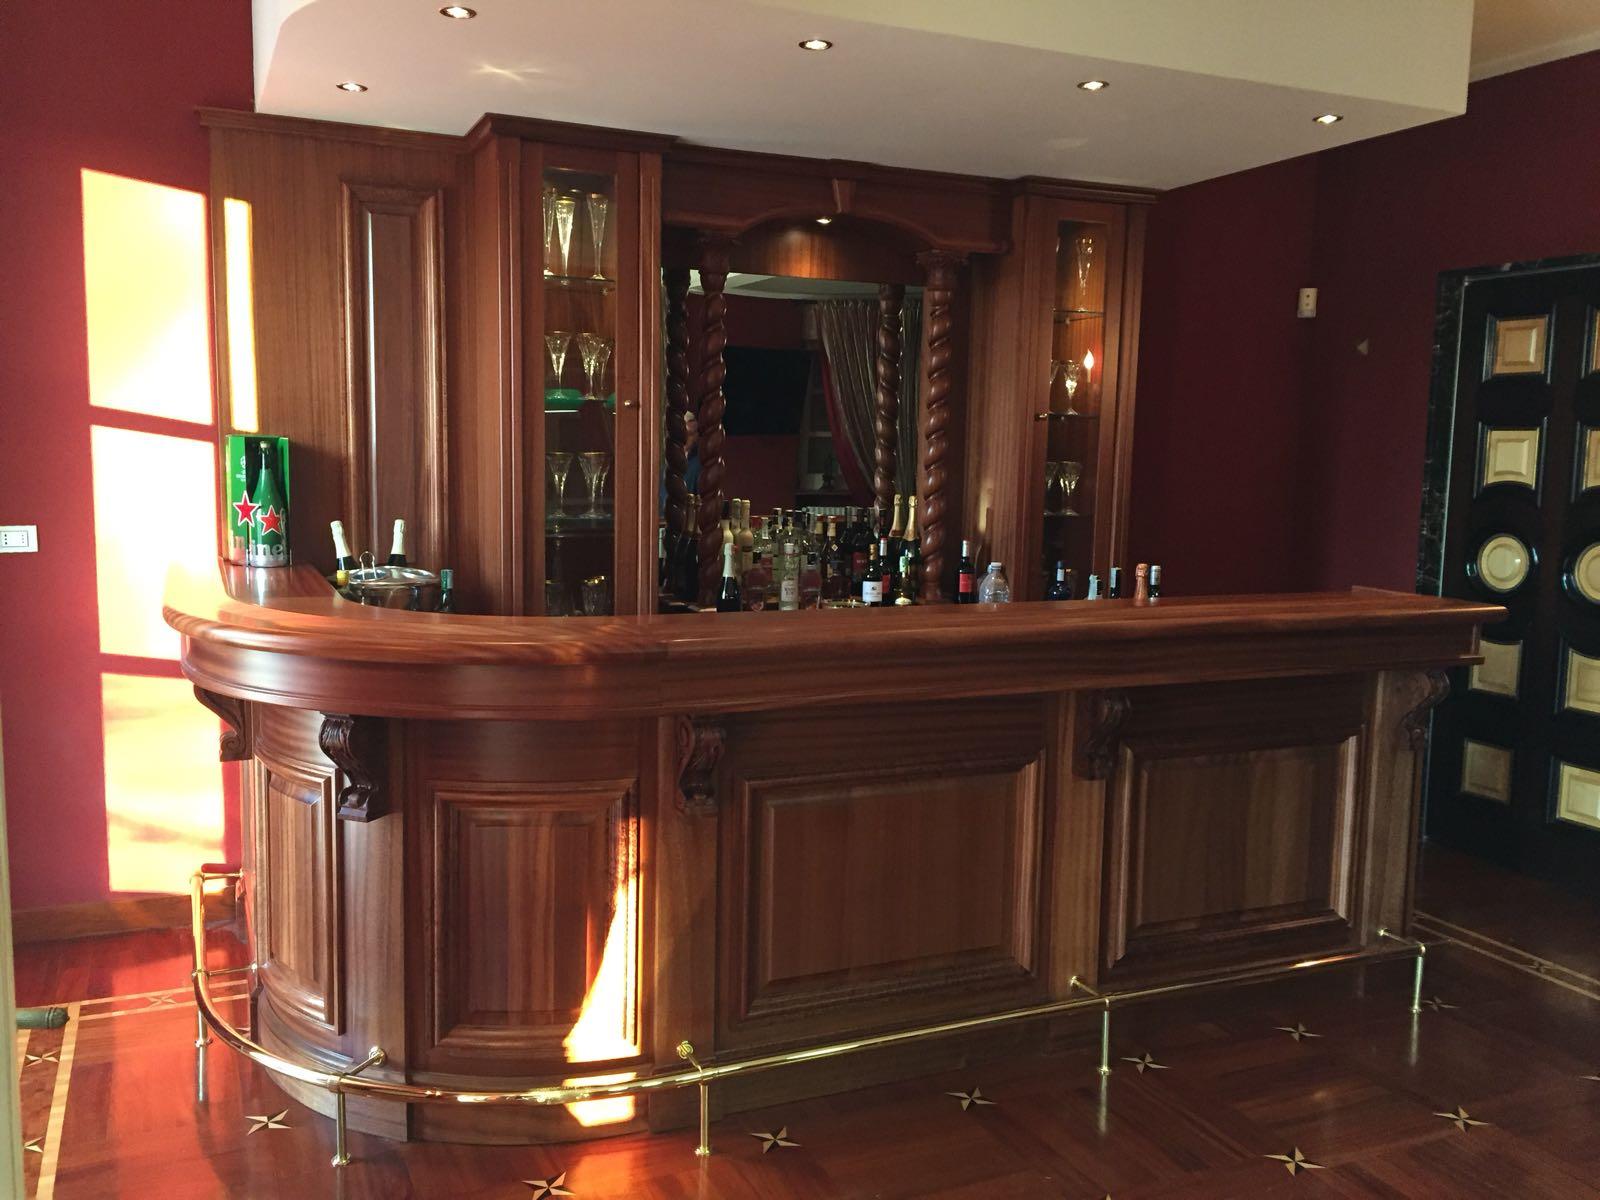 Buongiorno a tutti da l'angolo delle idee 🌺🌺🌺🌺🌺🌺🌺🌺 🌺🌺🌺🌺🌺🌺🌺🌺🌺🌺. Angolo Bar Per Casa Bologna Eleganza Subito Falegnameria Bologna